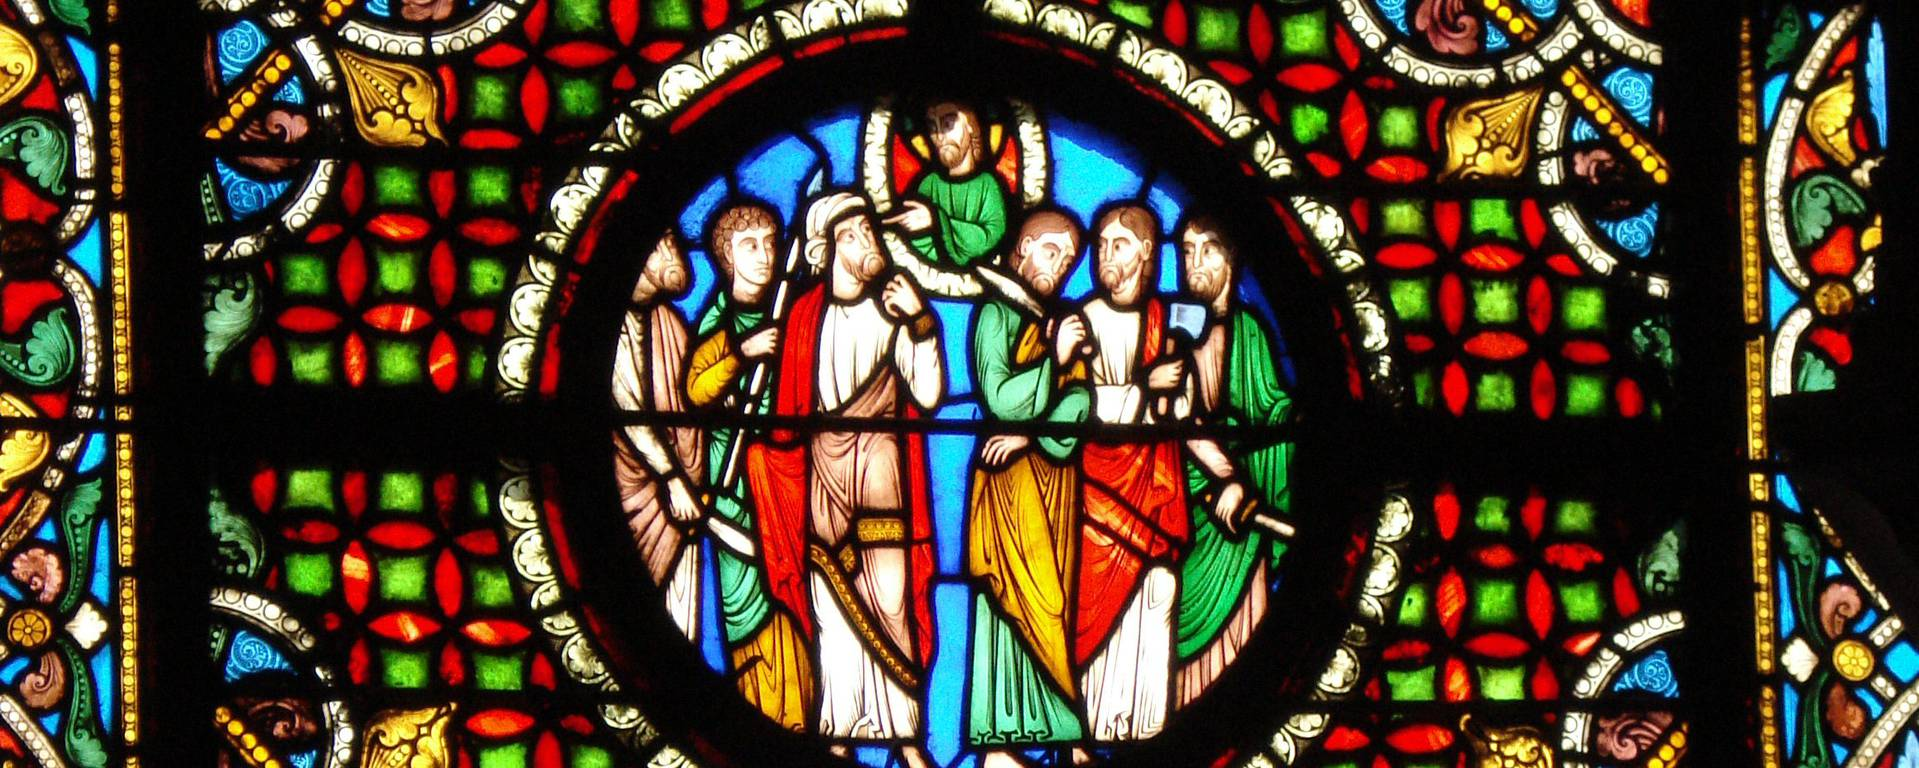 stained glass window of the basilica - © Office de Tourisme de Plaine Commune Grand Paris